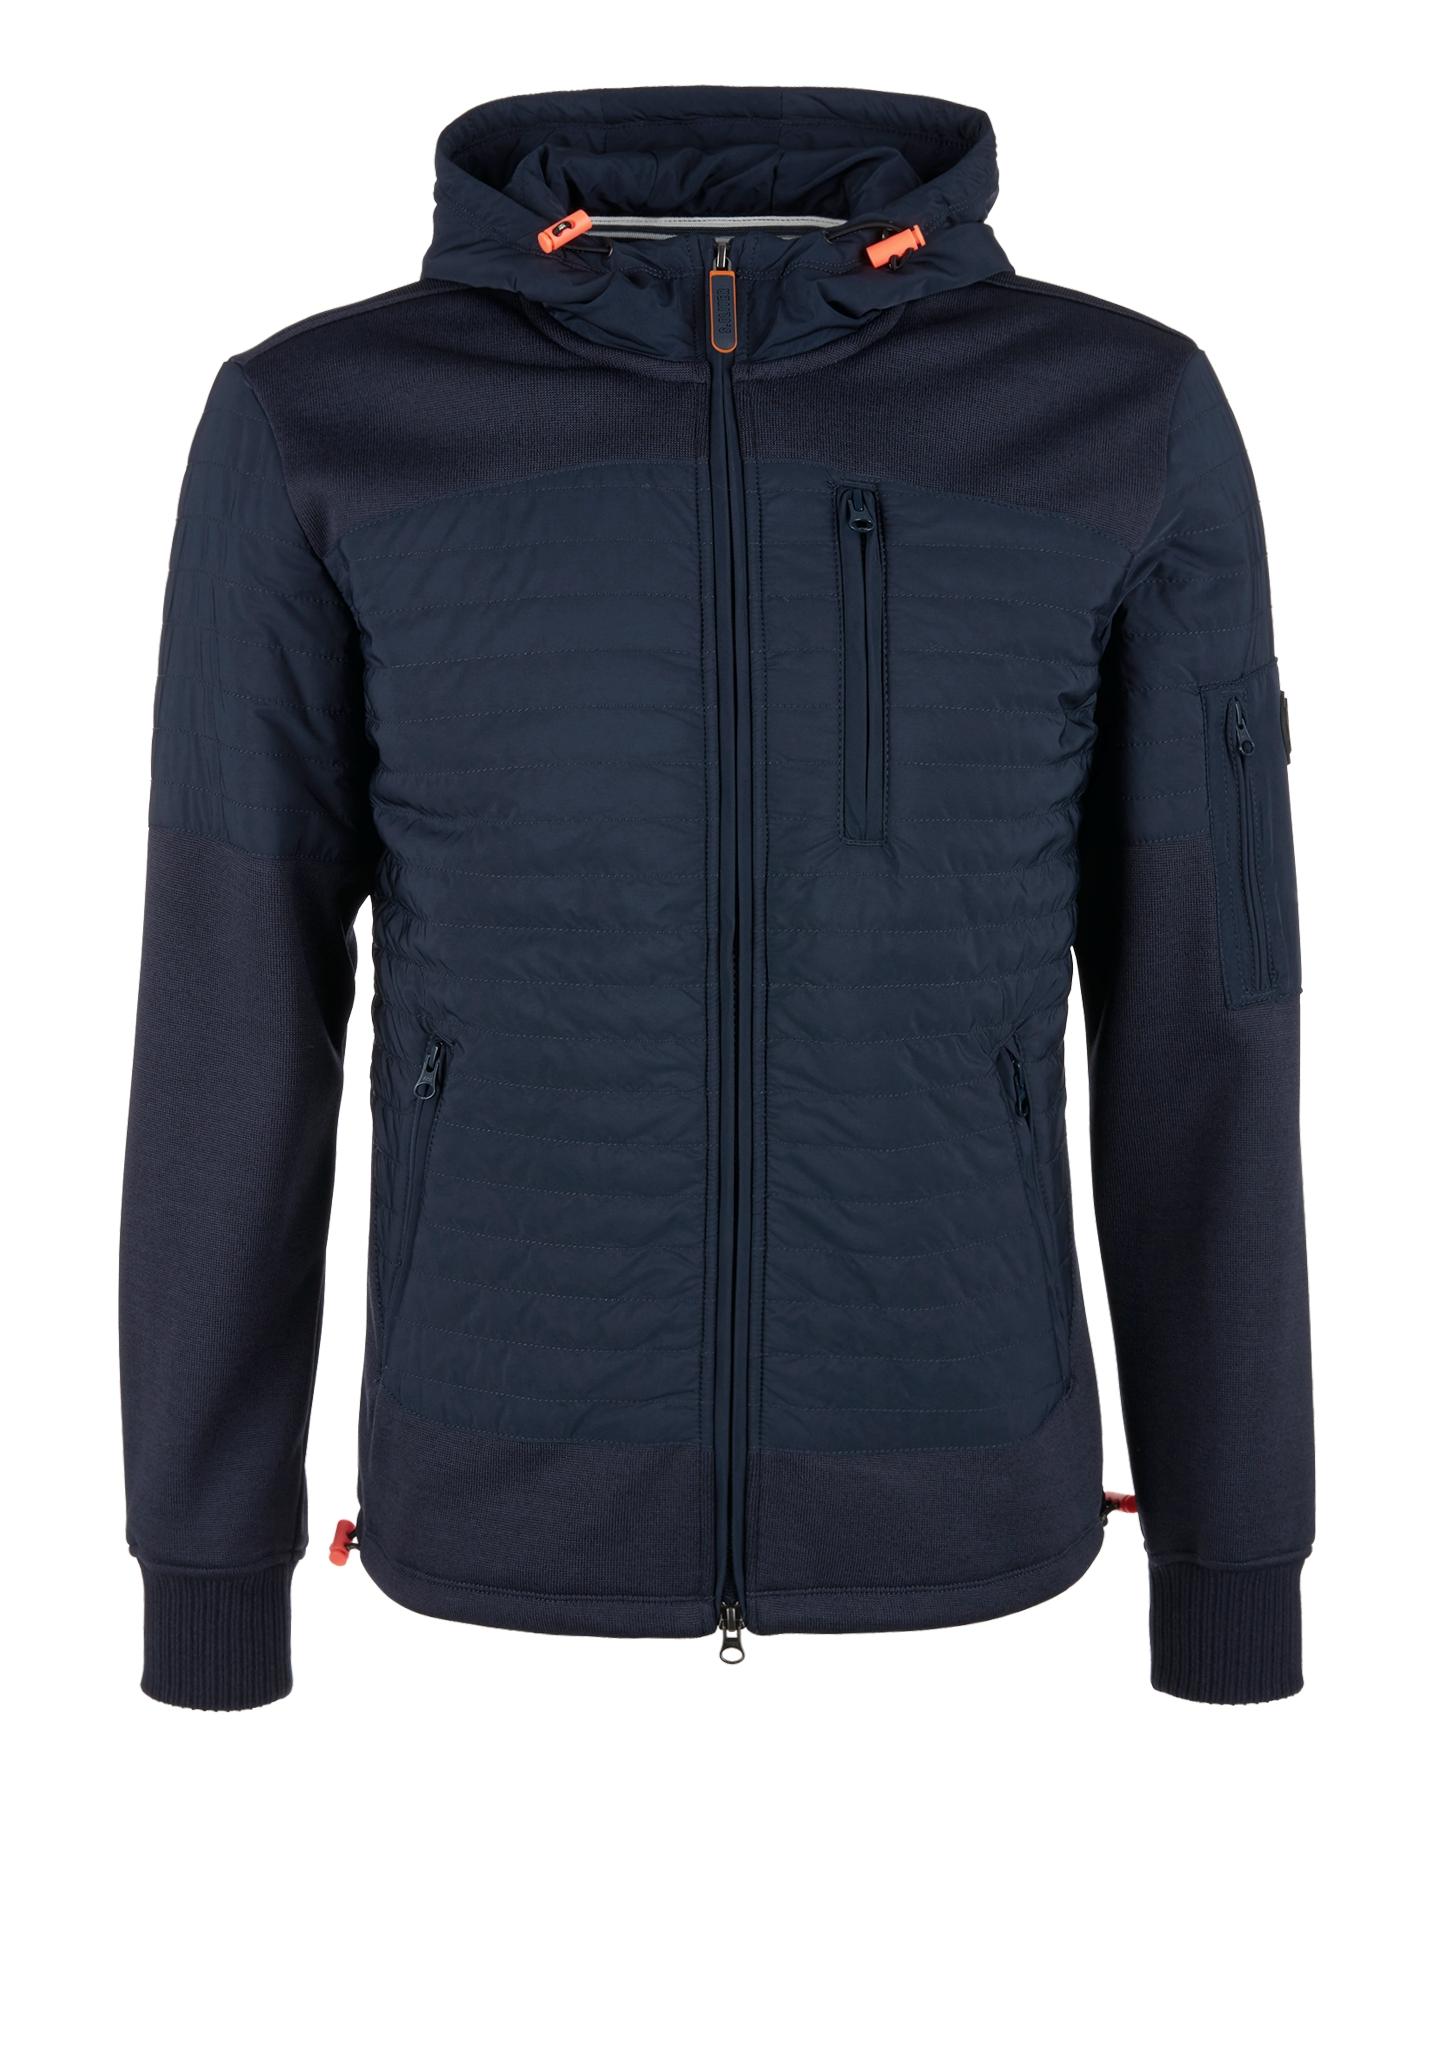 Sweatjacke   Bekleidung > Sweatshirts & -jacken   Blau   Obermaterial a 97% polyester -  3% elasthan  obermaterial b 100% polyester  einsatz 100% polyester  manschette 50% baumwolle -  45% polyester -  5% elasthan   s.Oliver